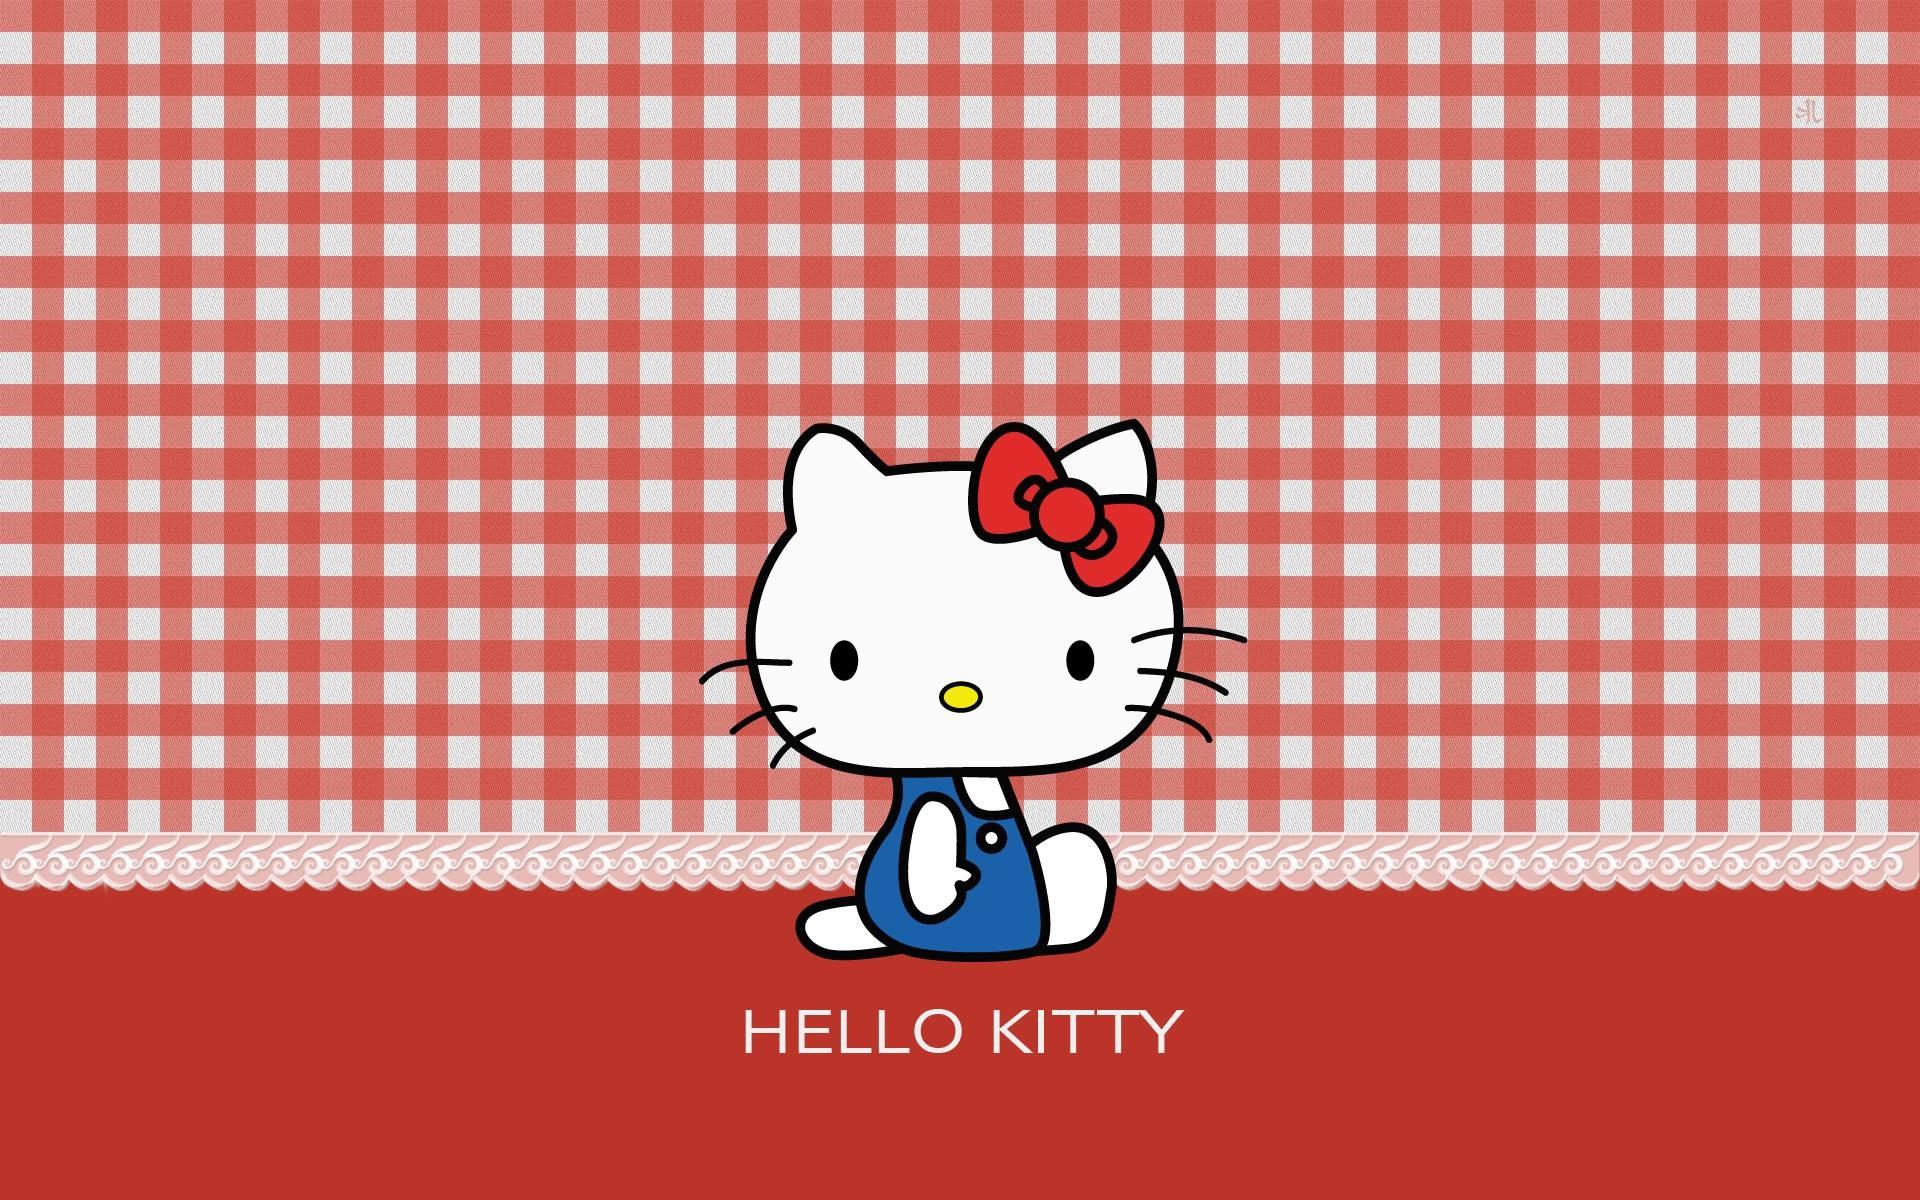 Top Wallpaper Hello Kitty Computer - 738466-top-hello-kitty-wallpaper-for-computer-1920x1200-for-xiaomi  2018_655811.jpg